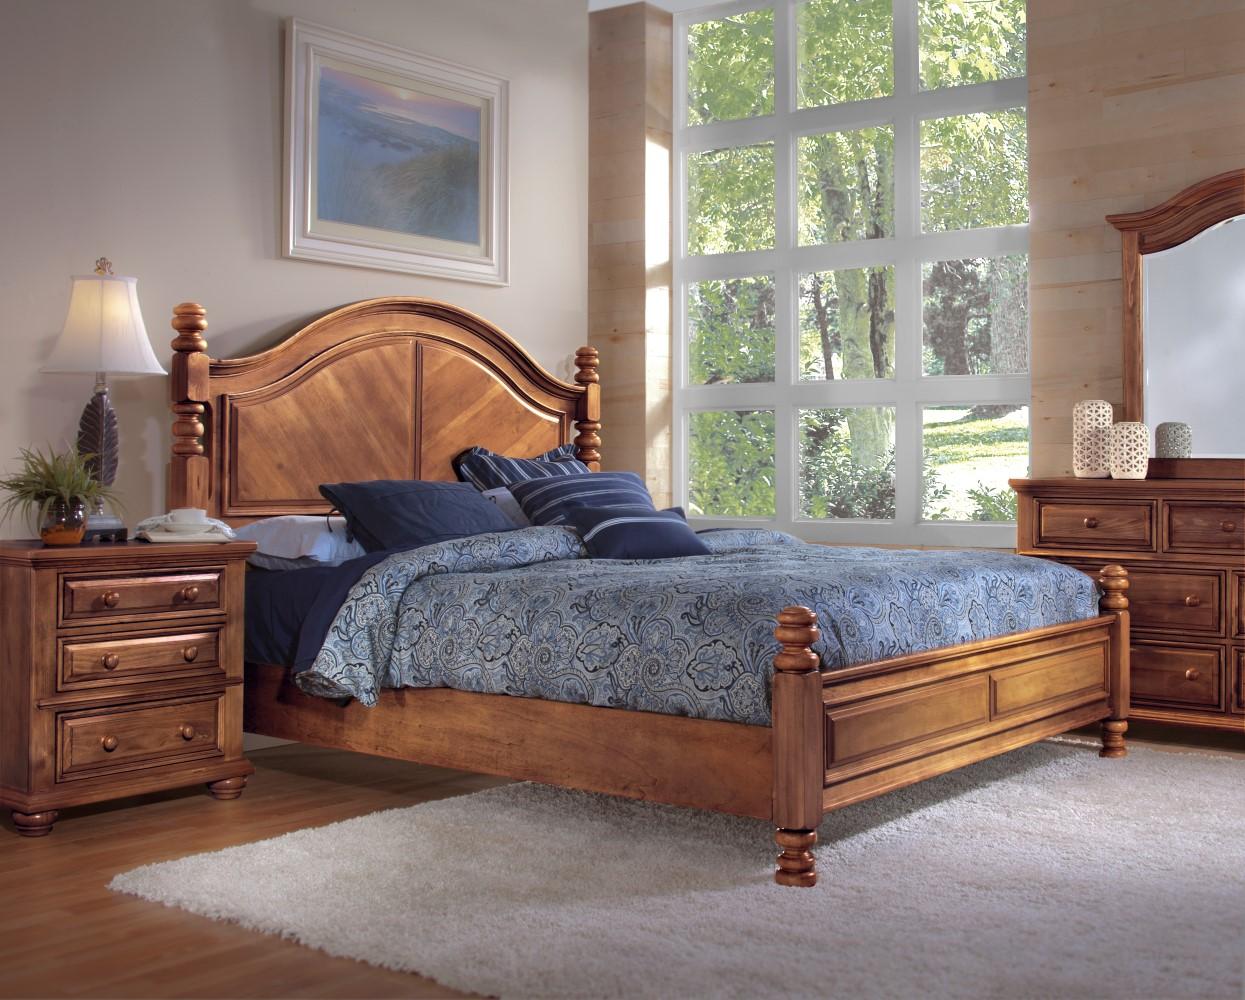 Bedroom collections 5043 taylor taylor dresser for Taylor j bedroom furniture